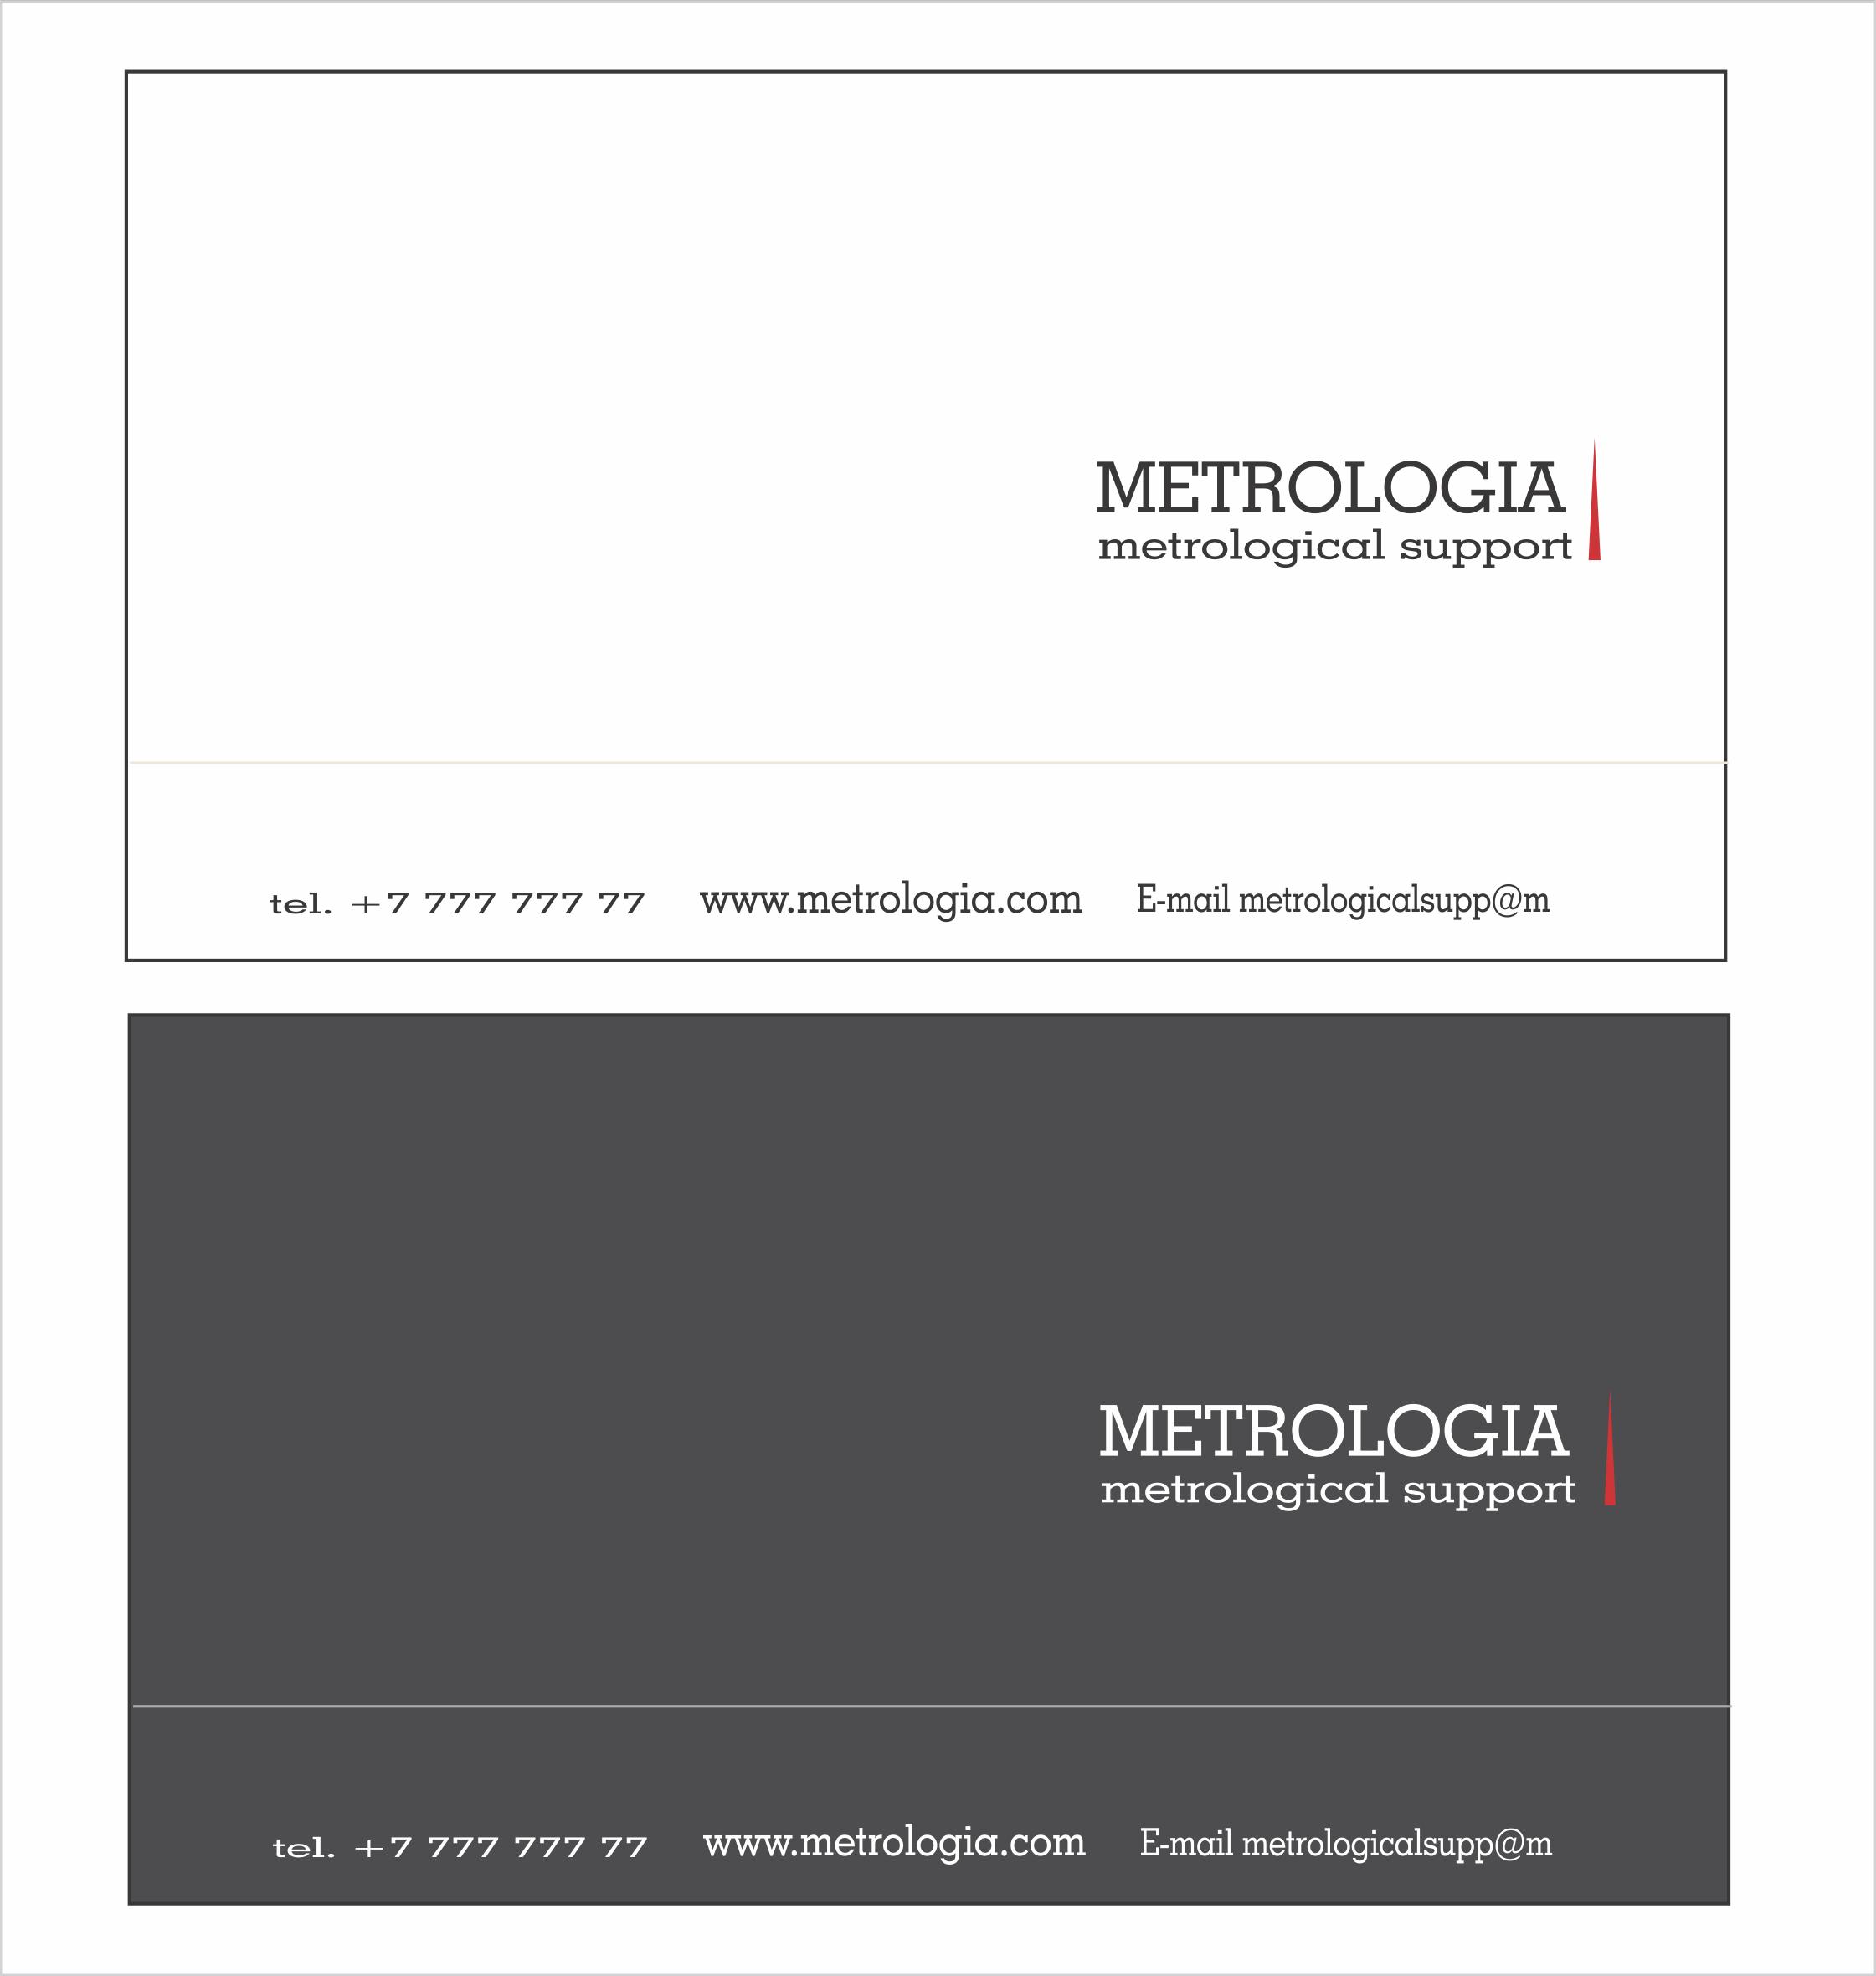 Разработать логотип, визитку, фирменный бланк. фото f_62658f8feeea0f0b.png